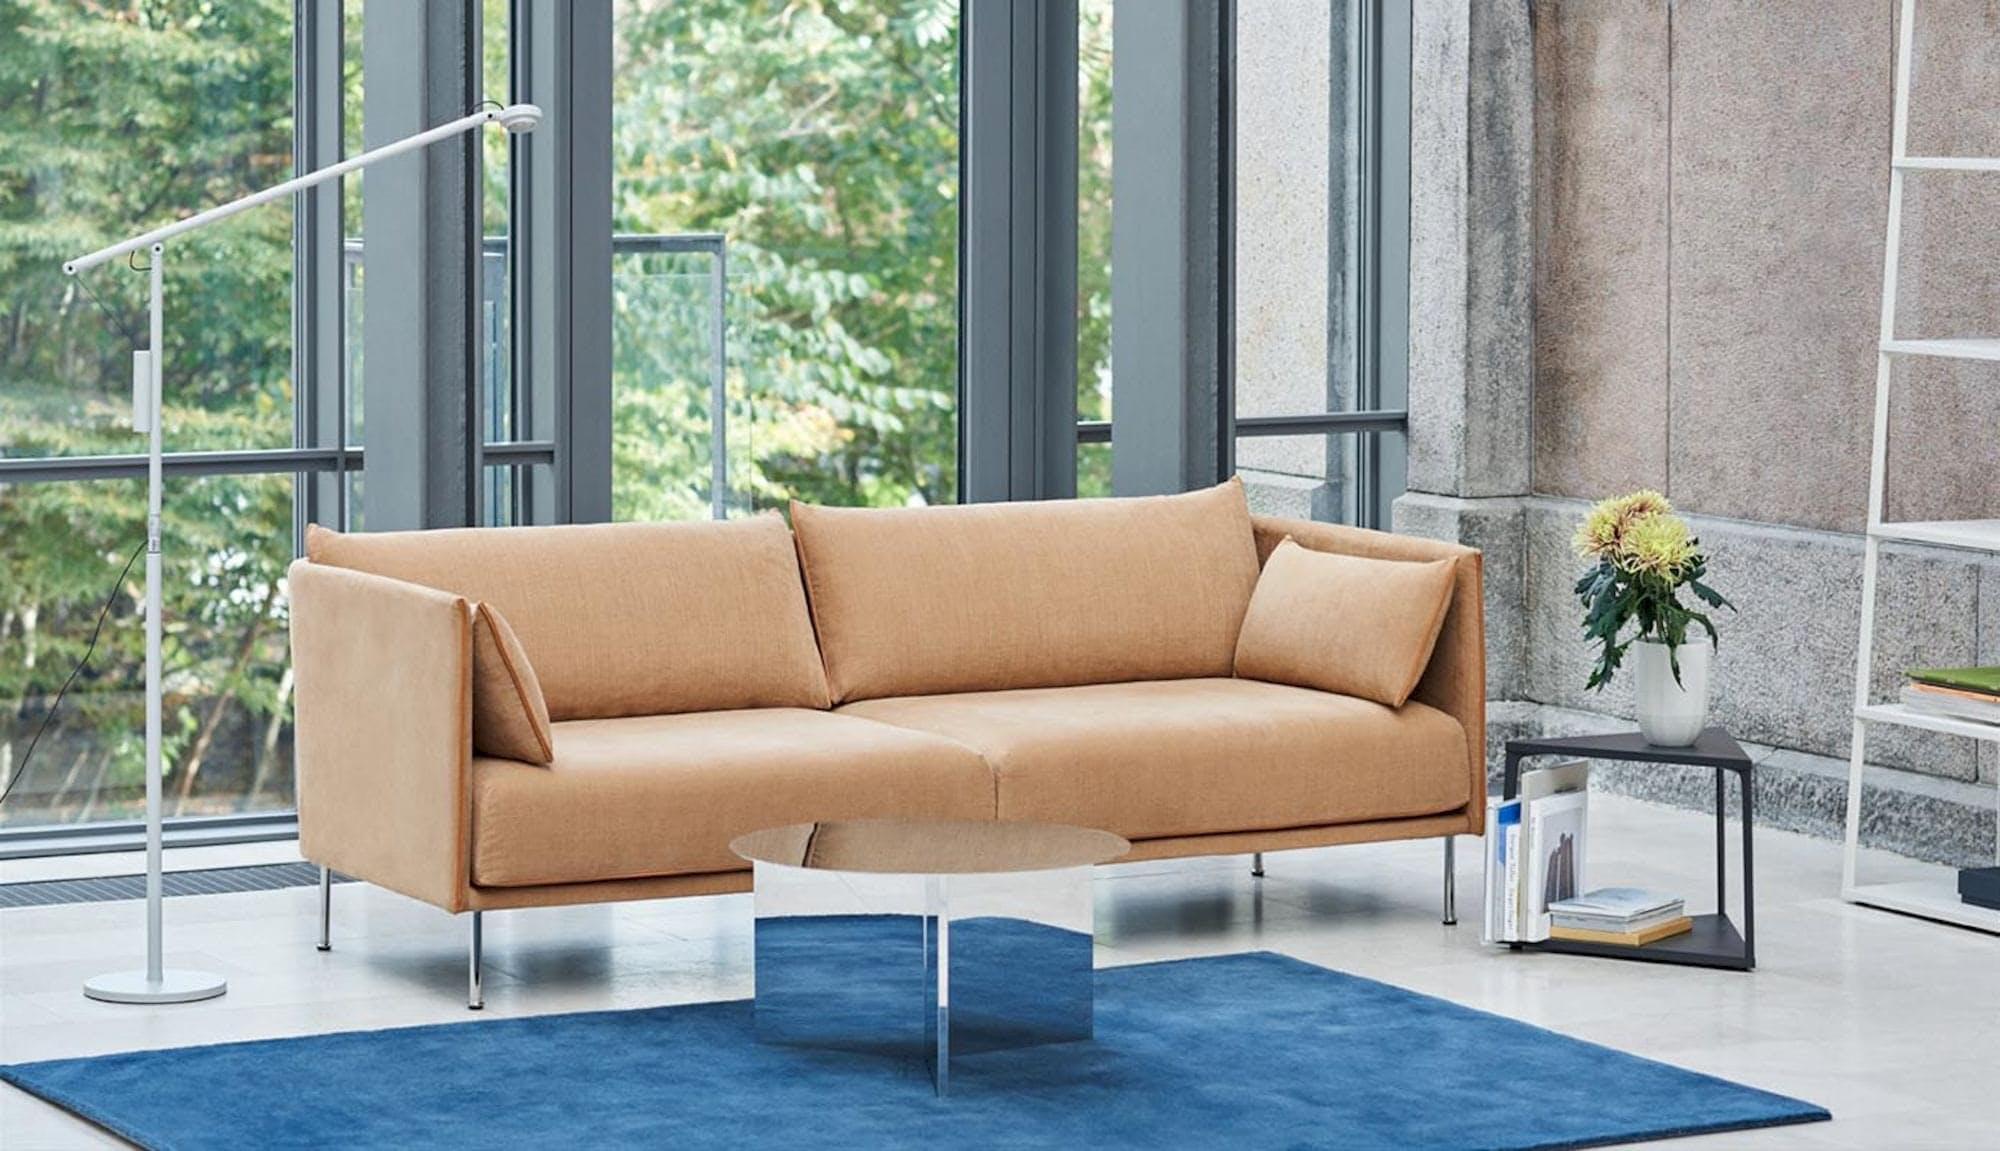 Silhouette Sofa num 3